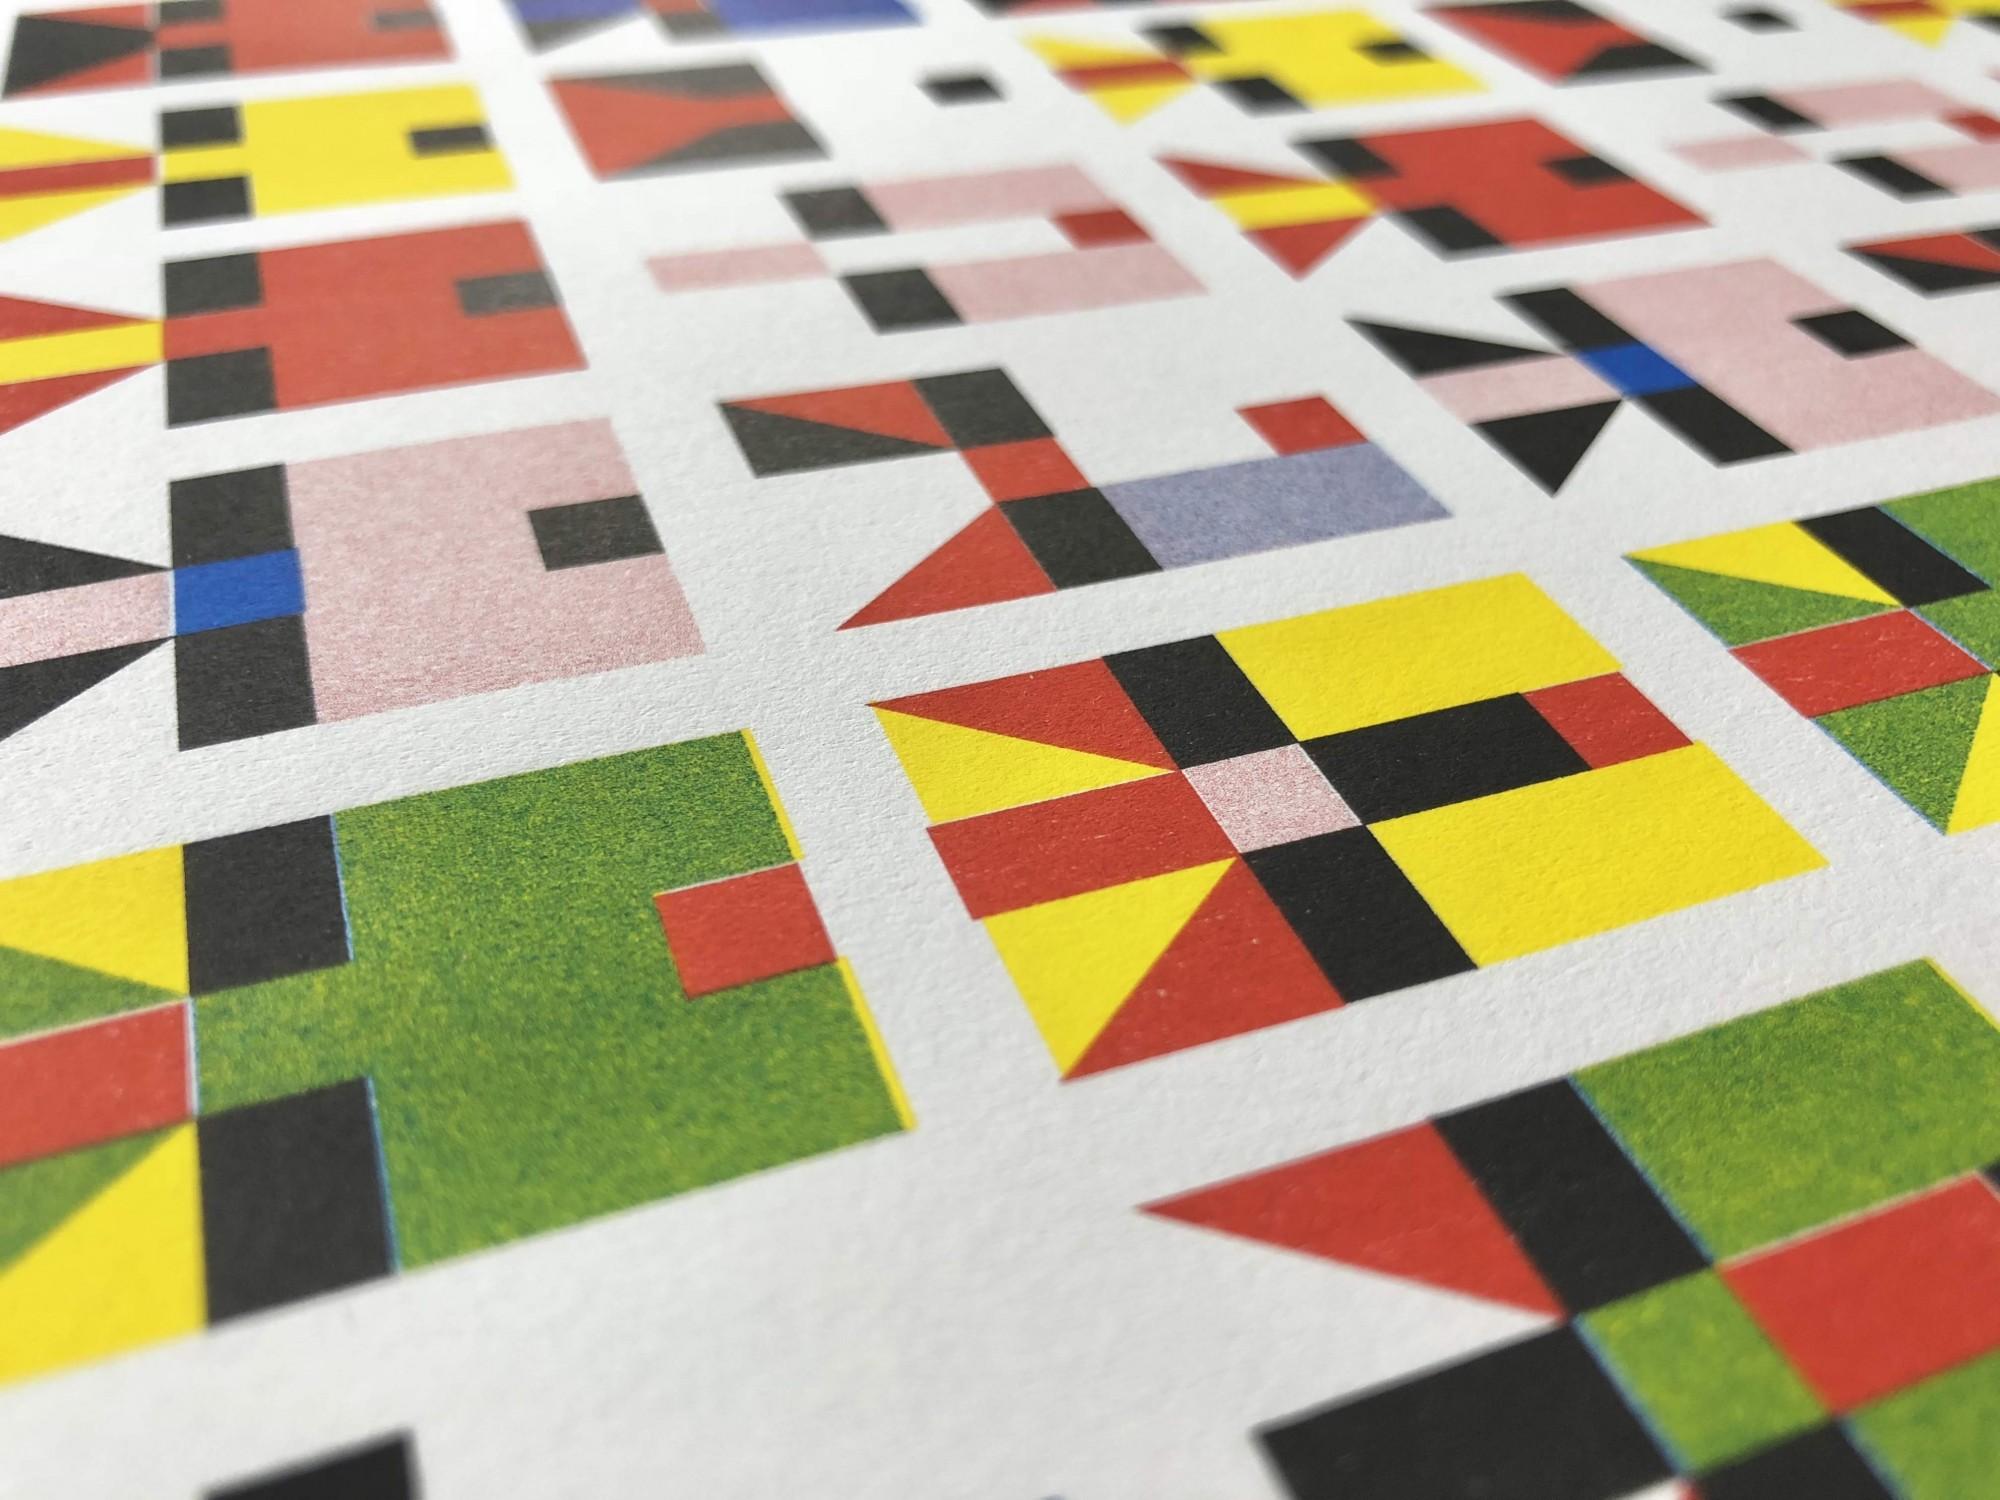 Made in China - Neugestaltung der traditionellen chinesischen Muster